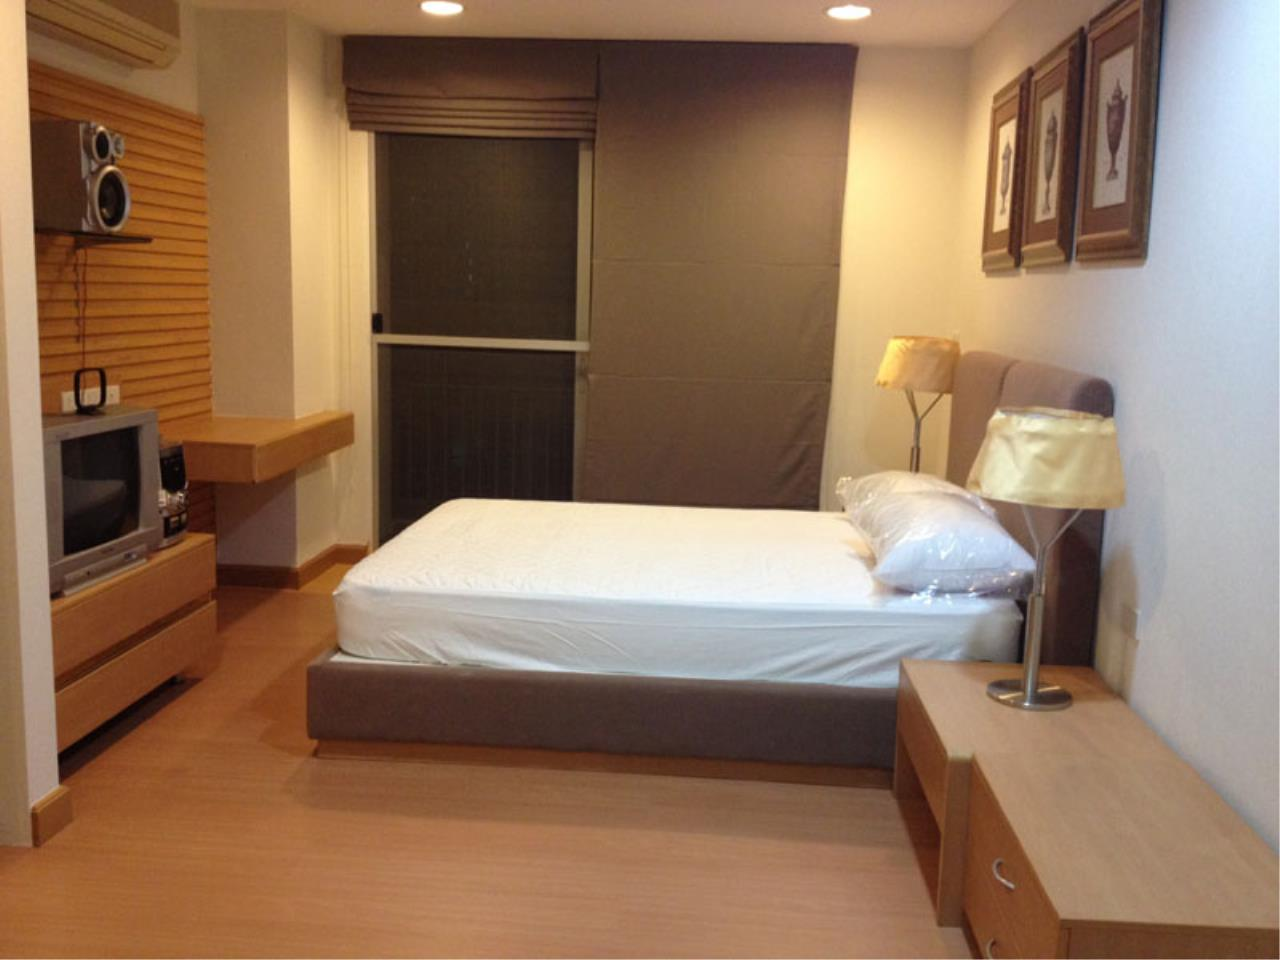 BKK Condos Agency's Two bedroom condo for rent at The Bangkok Sab Road  6